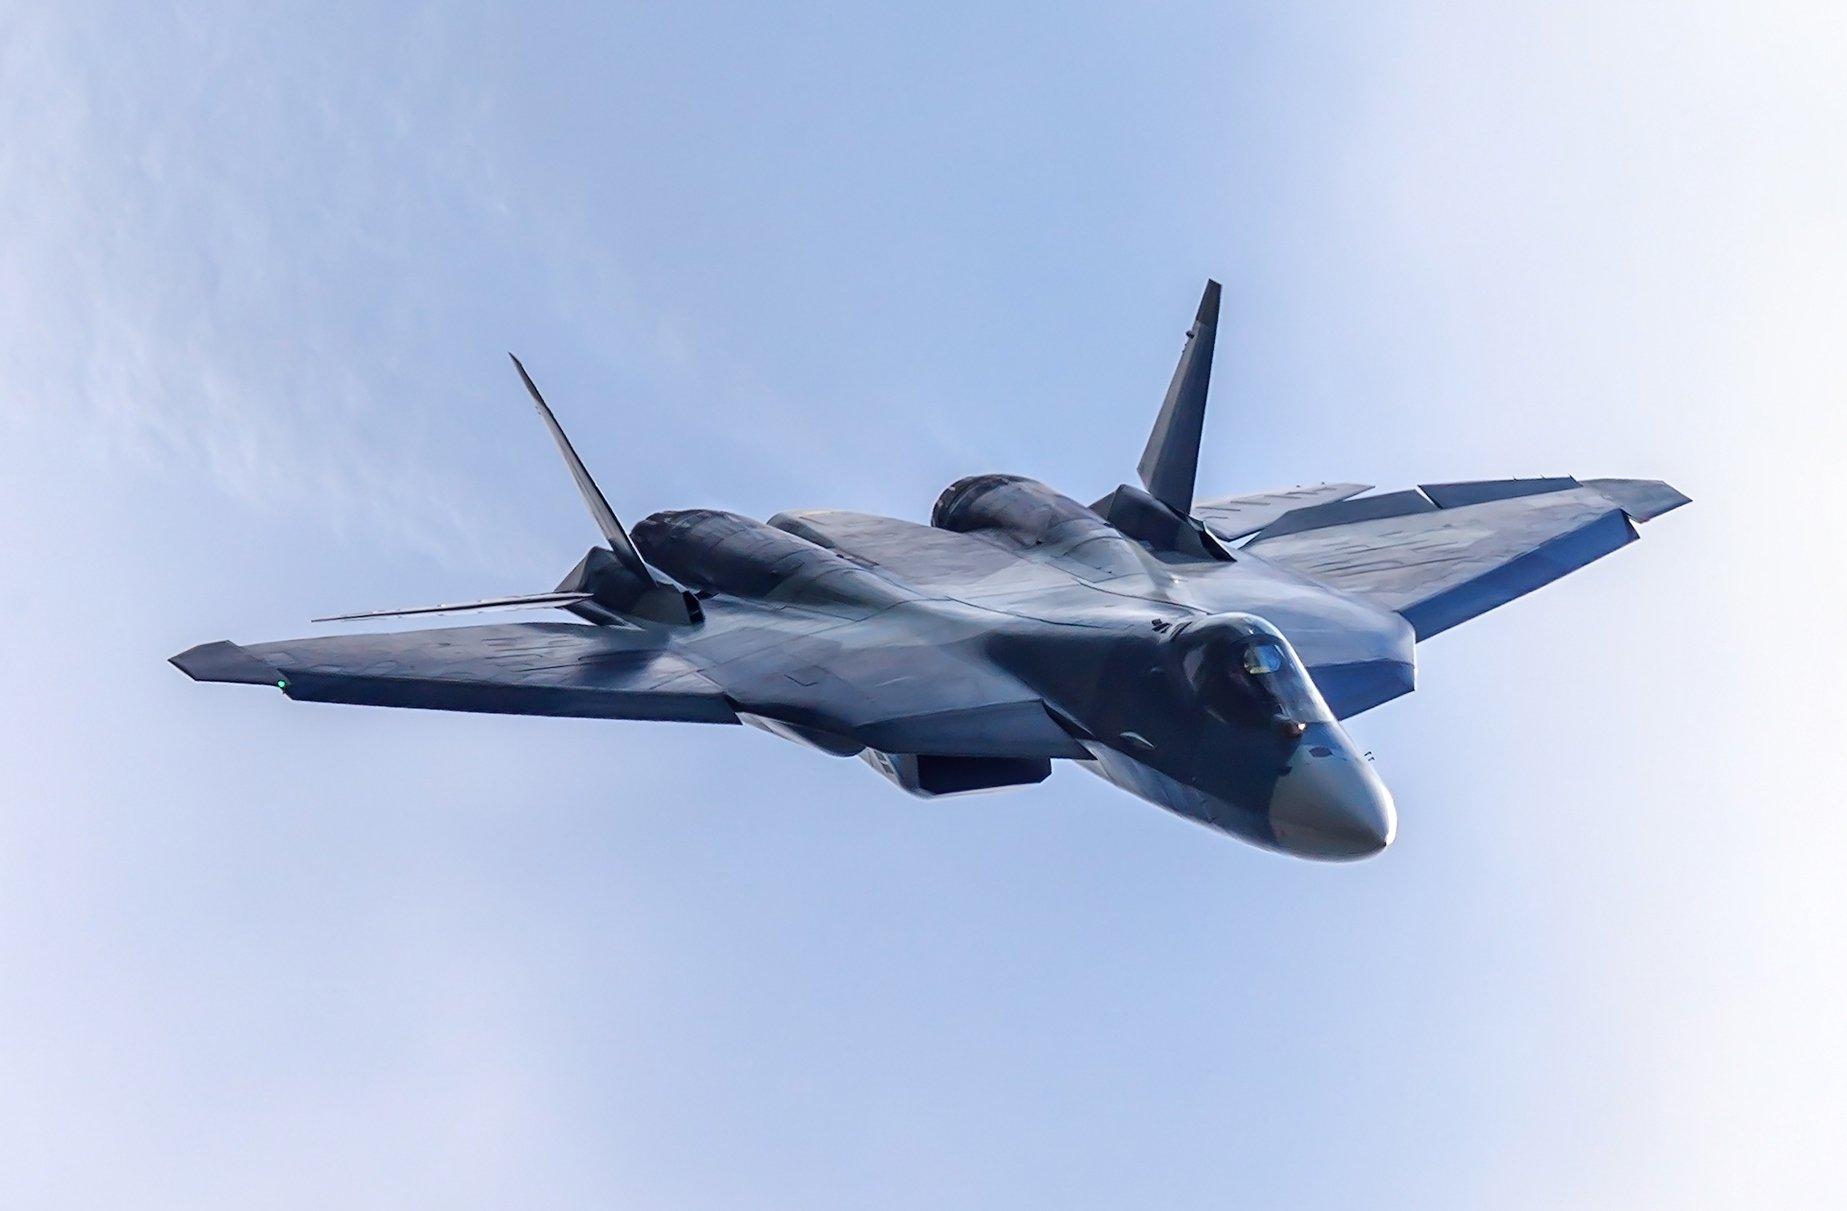 Турция будет закупать новые российские истребители Су-57?